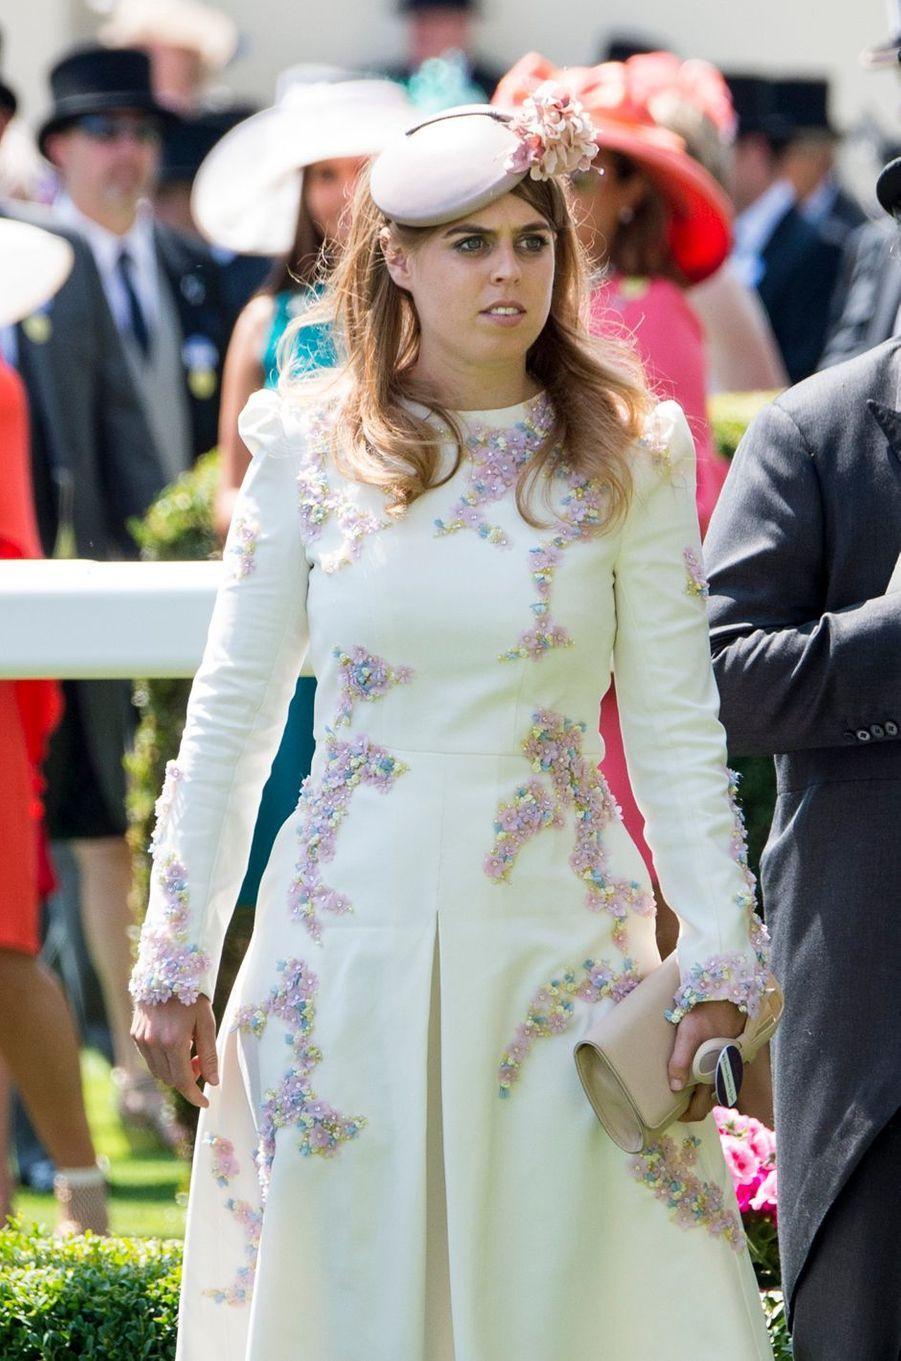 La princesse Beatrice d'York à Ascot, le 20 juin 2017